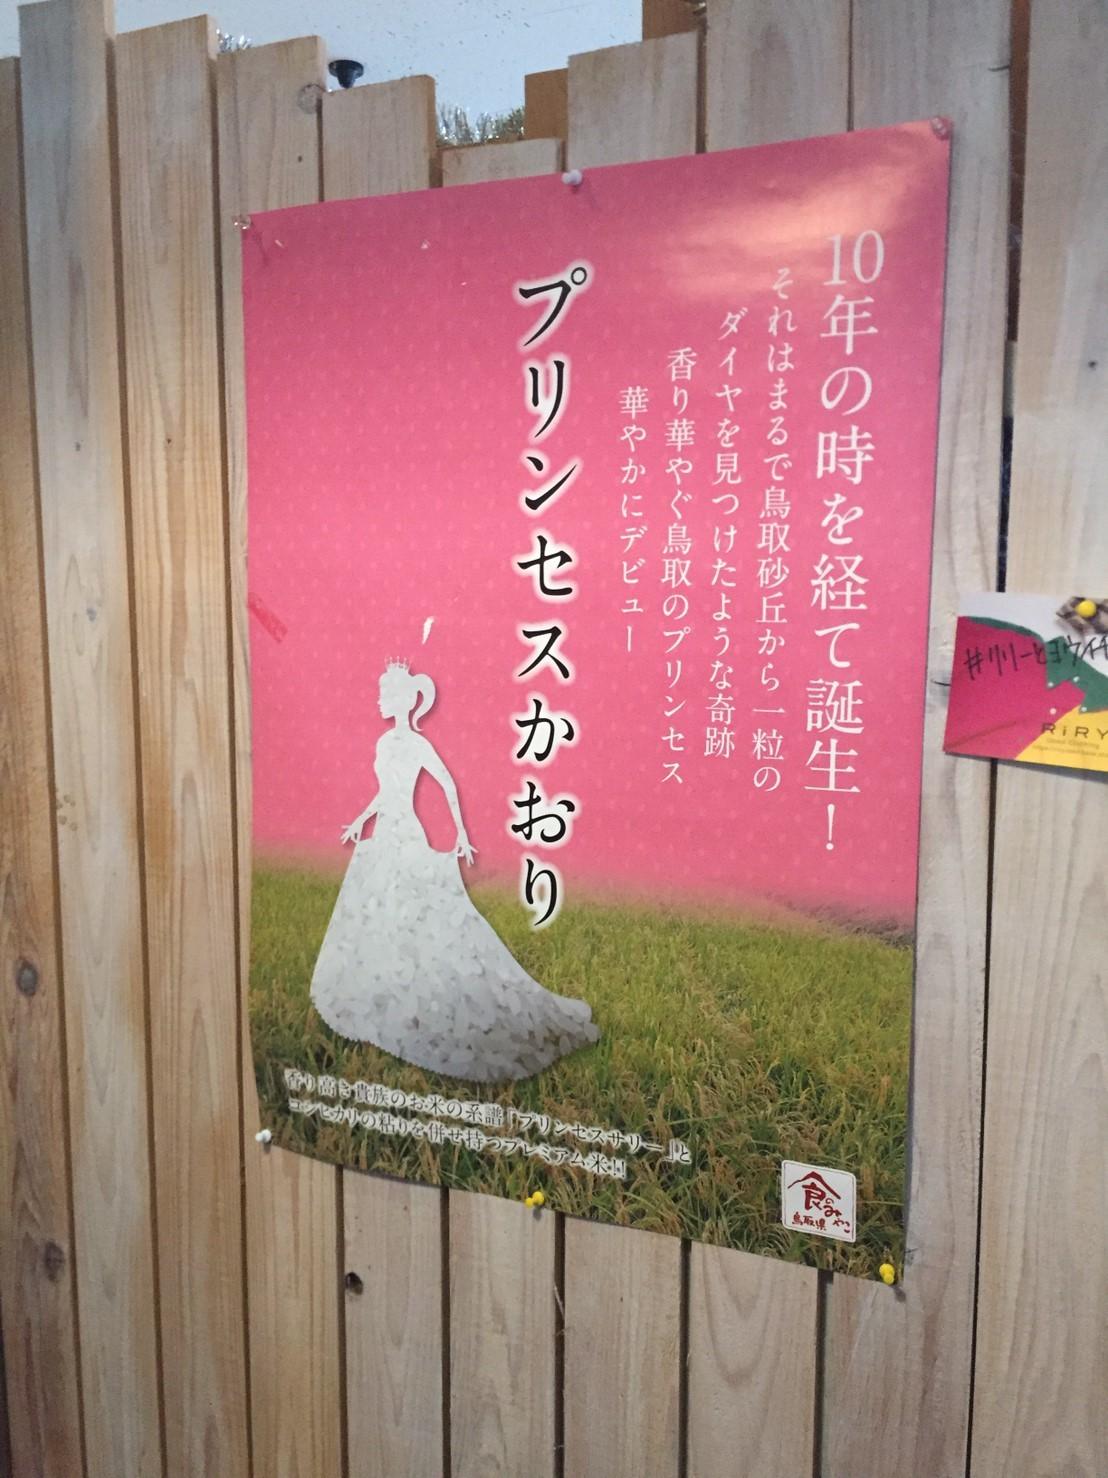 カレー食堂 ボヌール   おうちカレー_e0115904_04402132.jpg